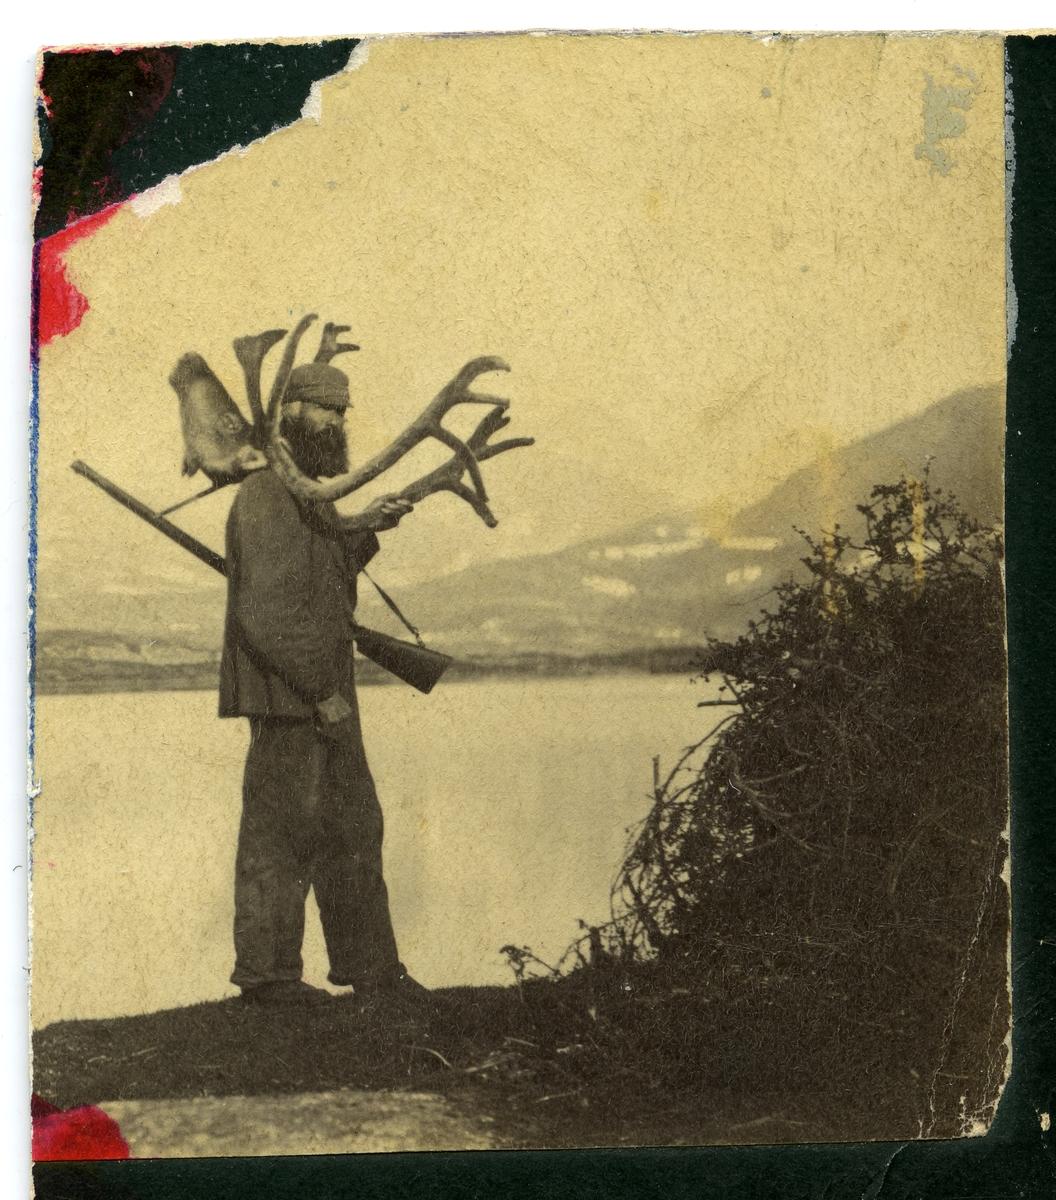 Portrett av en mann i helfigur med et reinsdyrhode over skuldrene. Mannen har også et gevær over den ene skulderen.